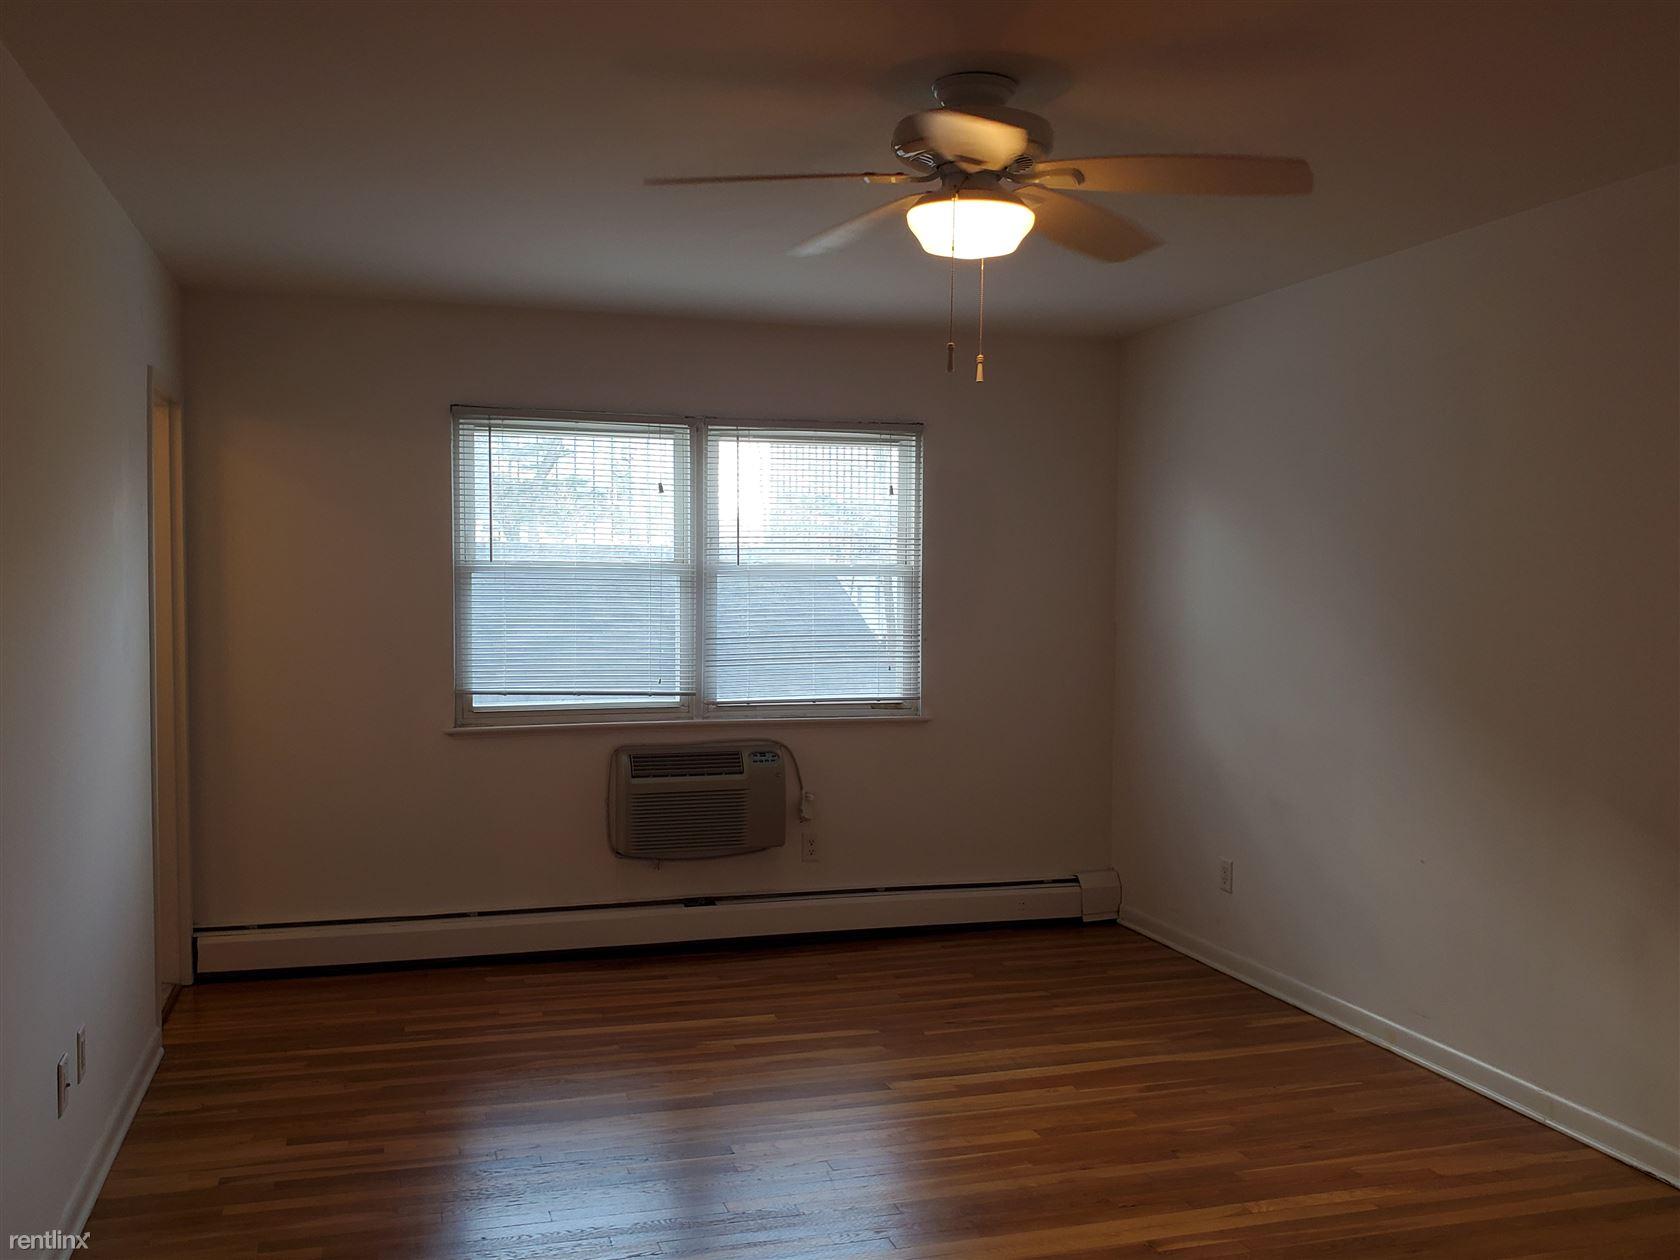 40 Hoyt St Apt B2, Stamford, CT - $1,200